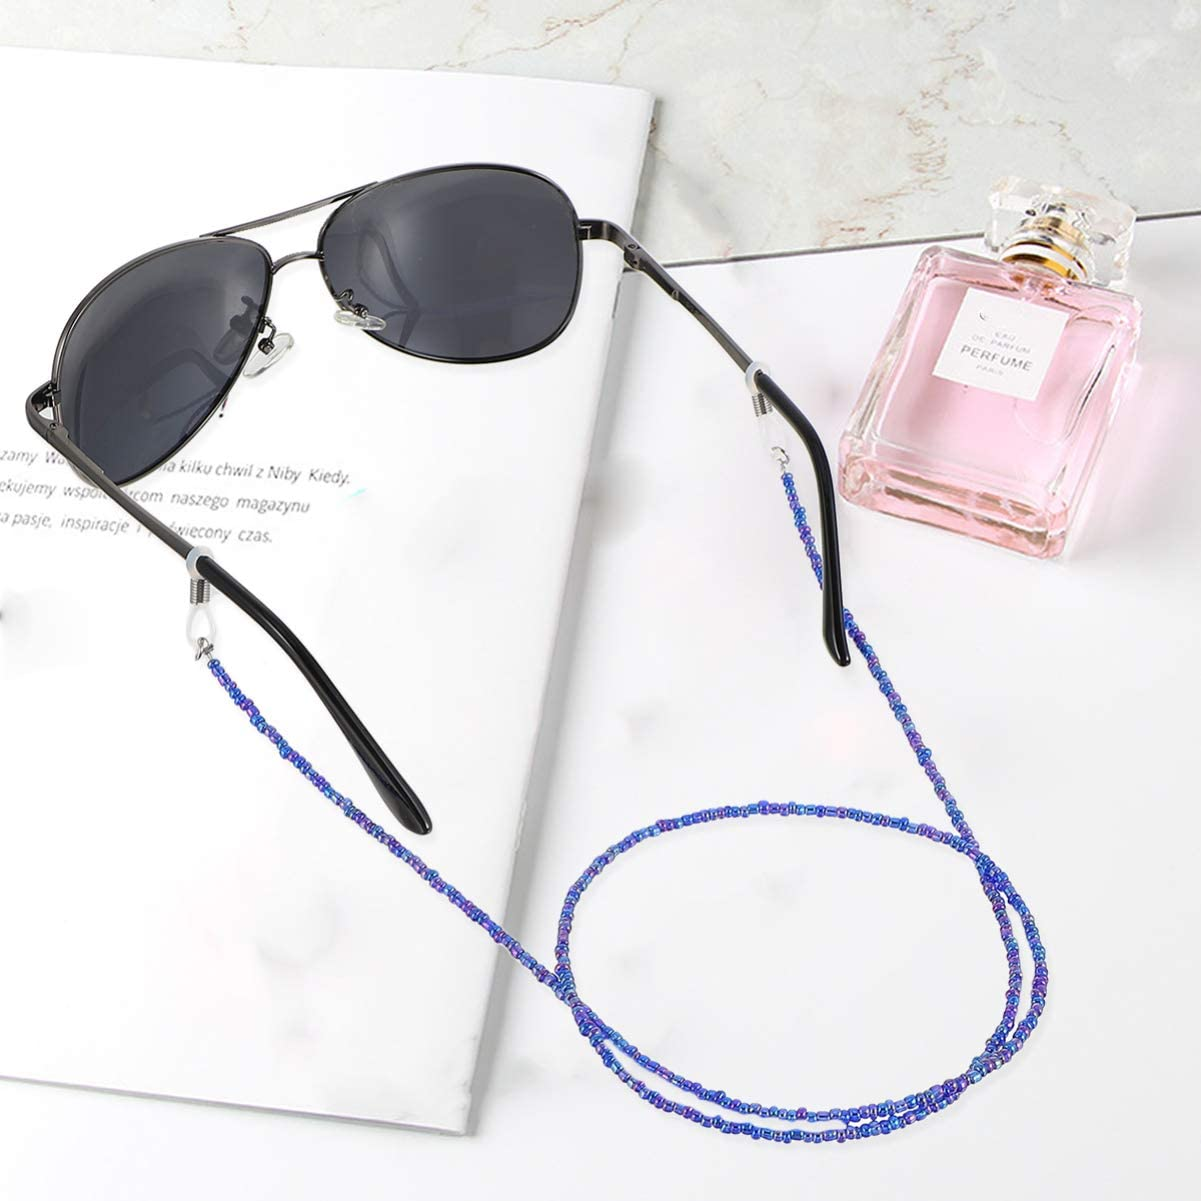 Healifty 4 St/ück Brillenband Brillenhalter Brillenschnurhalter Wiederverwendbare Brillenschn/üre rutschfeste Brillenketten f/ür Den Radsport im Freien